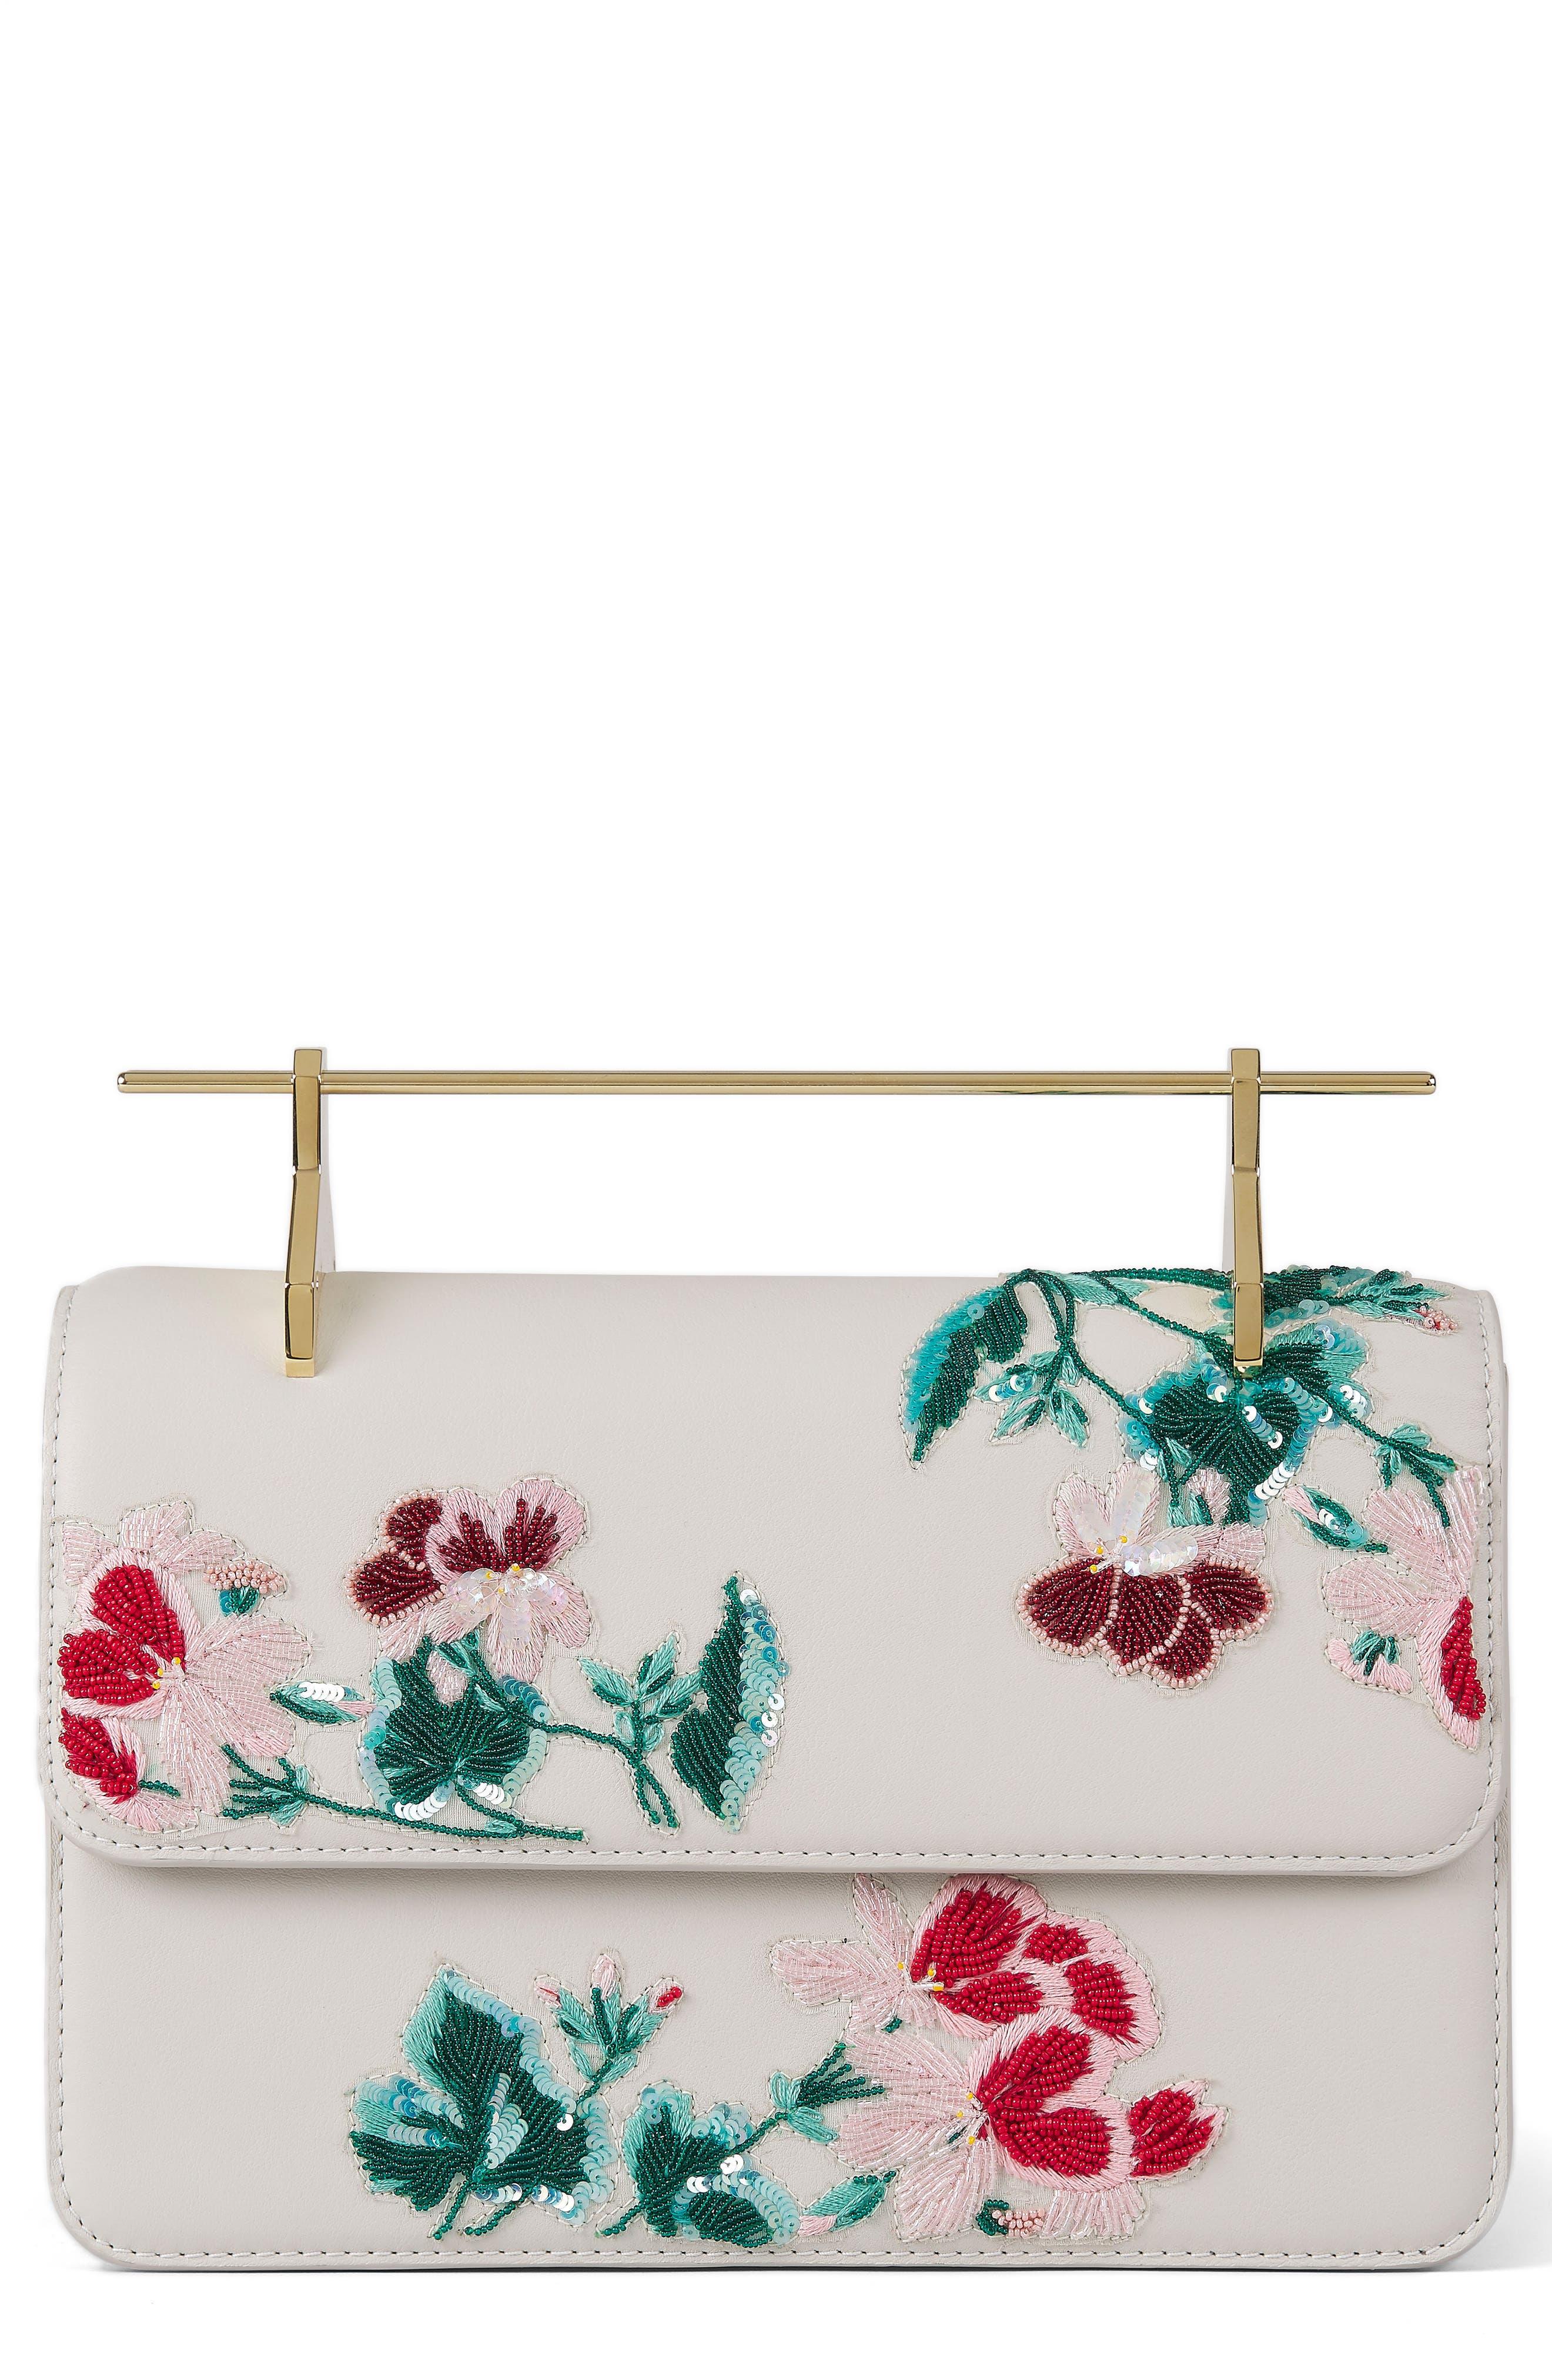 La Fleur du Mal Embellished Calfskin Leather Shoulder Bag,                             Main thumbnail 1, color,                             Pnk Mnt Btnical Embrdery Gld